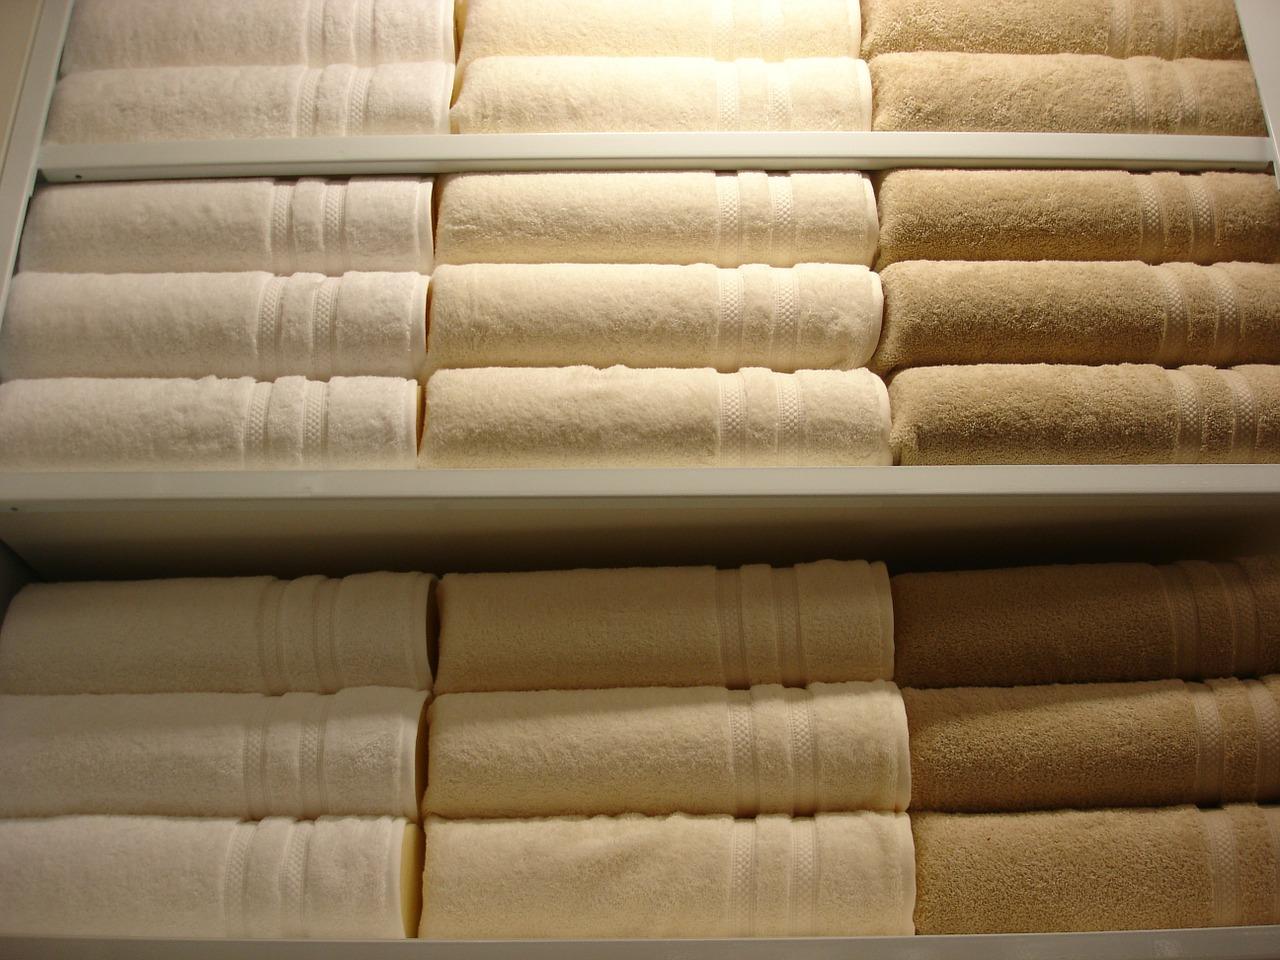 Come Piegare Le Lenzuola Matrimoniali.L Armadio Delle Lenzuola E Degli Asciugamani